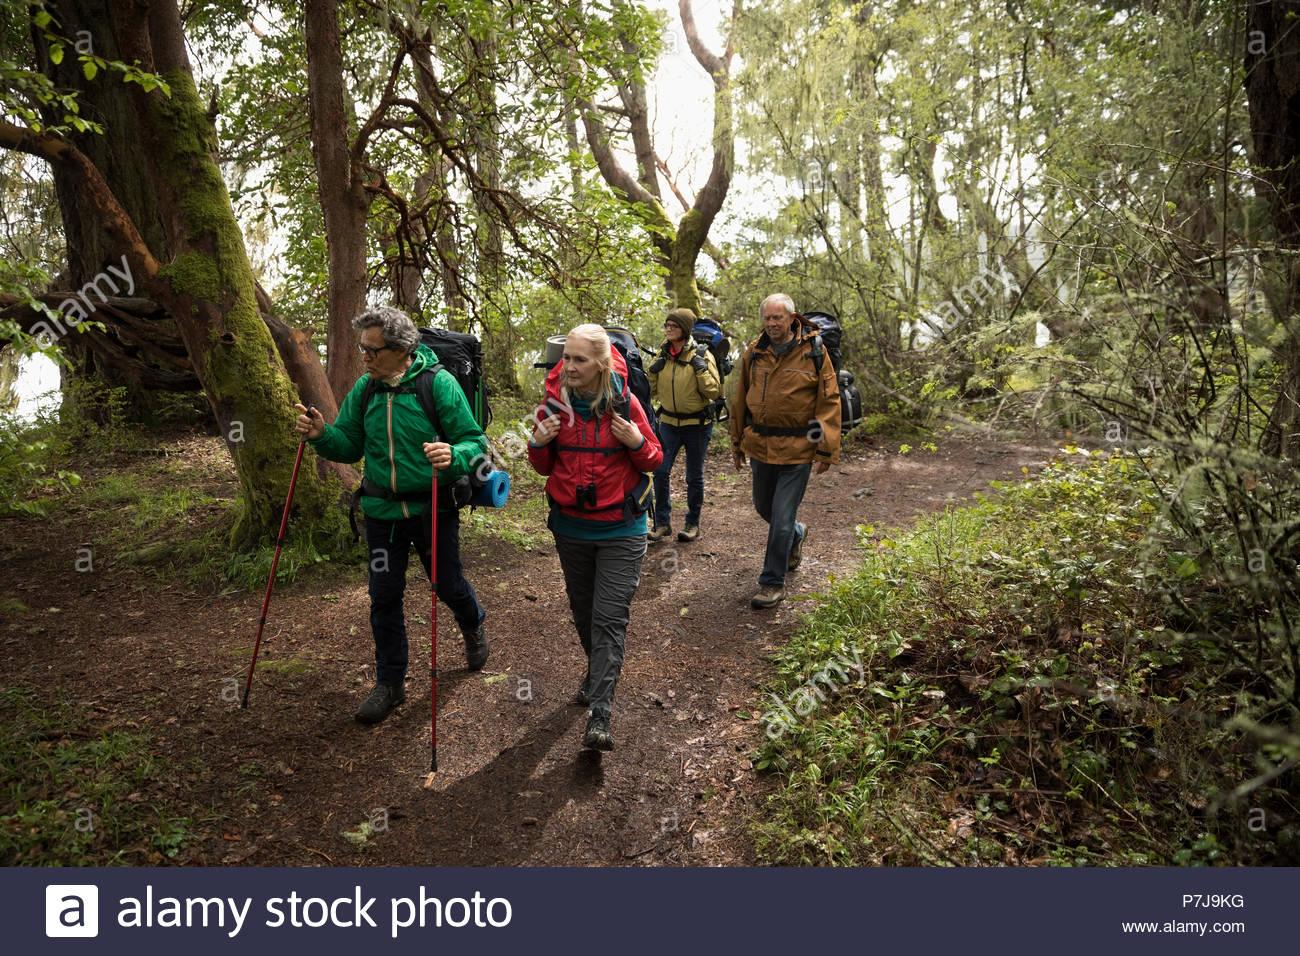 Senior ami randonneurs randonnées dans les bois Photo Stock